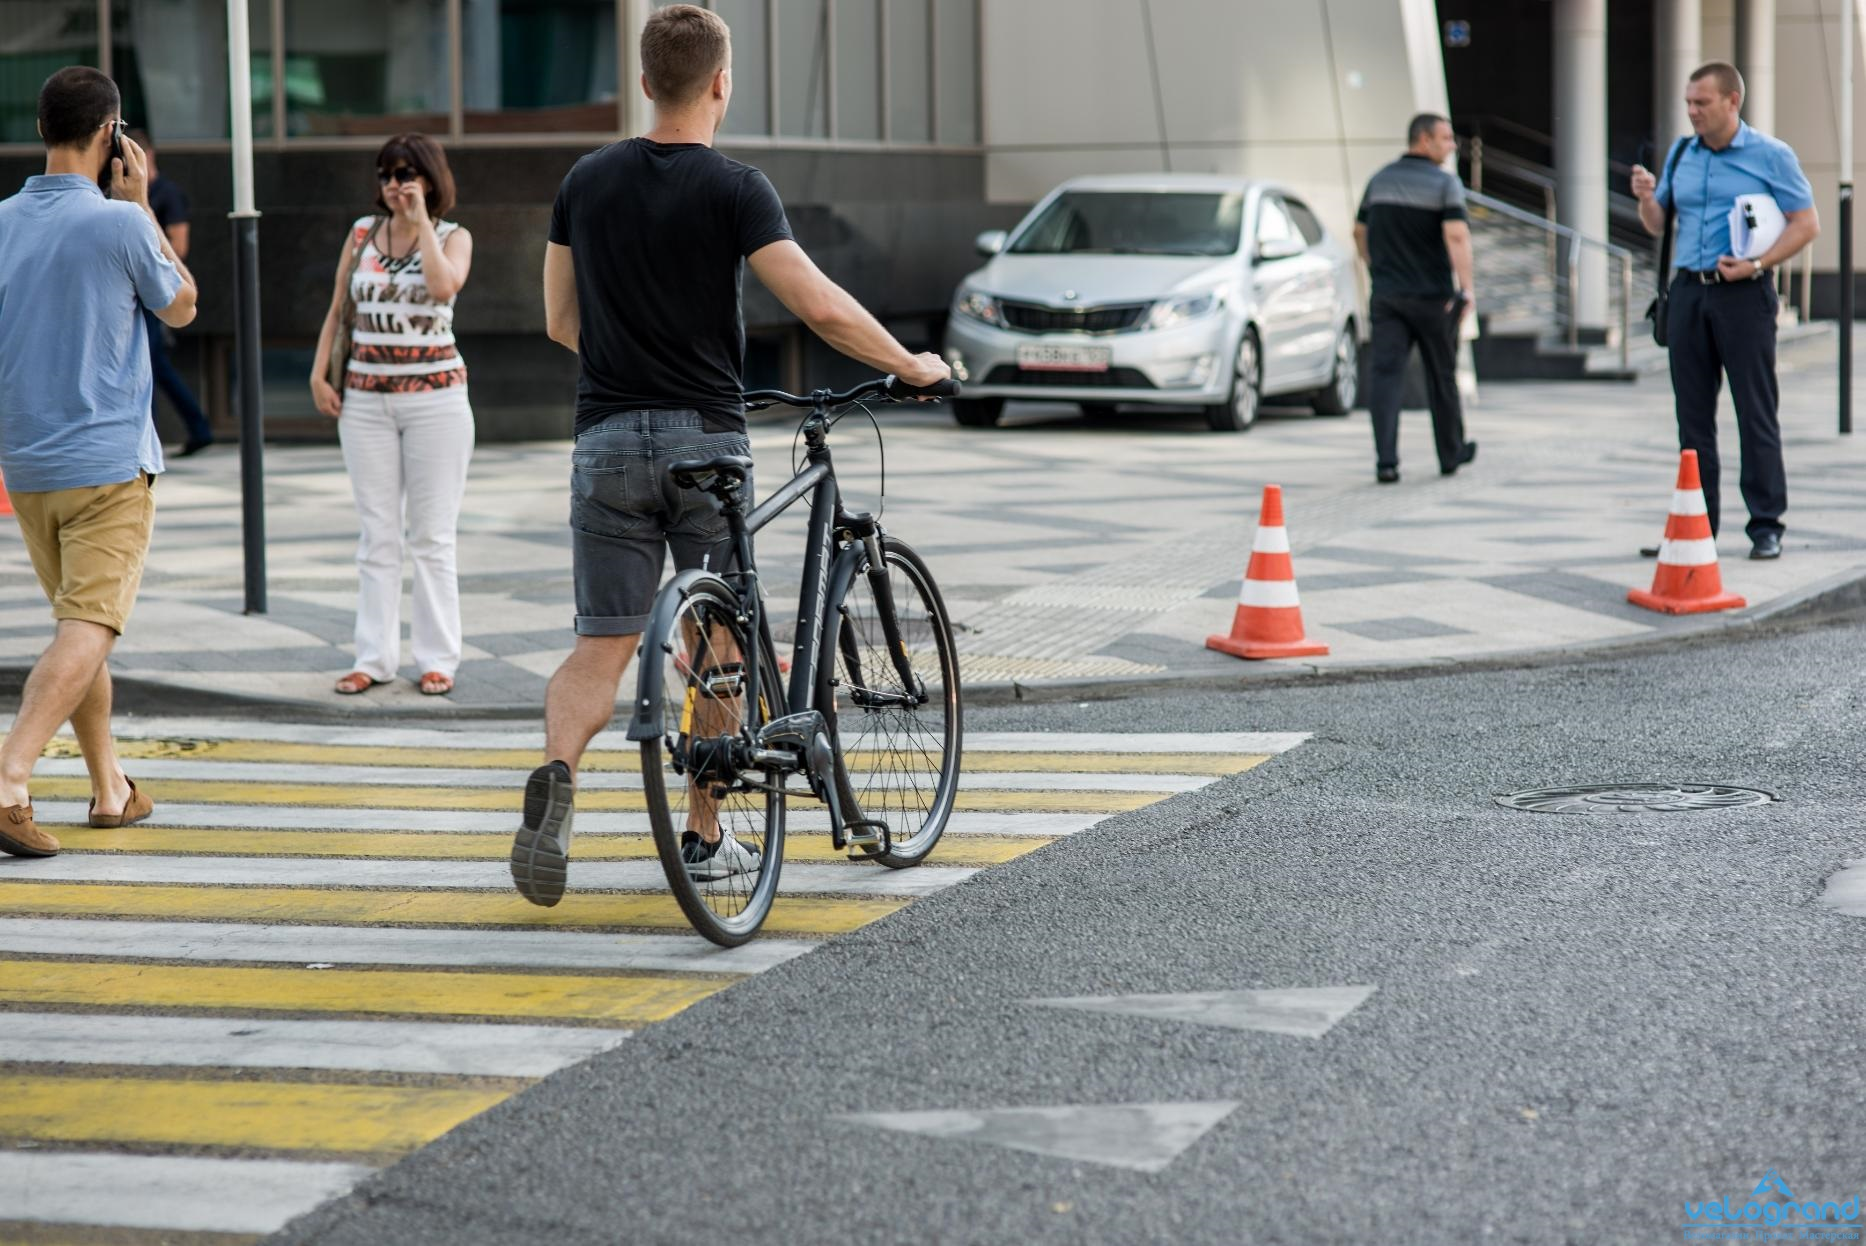 Городской велосипед Format 5332 (2016), Цвет Черный, Размер 21 от Velogrand